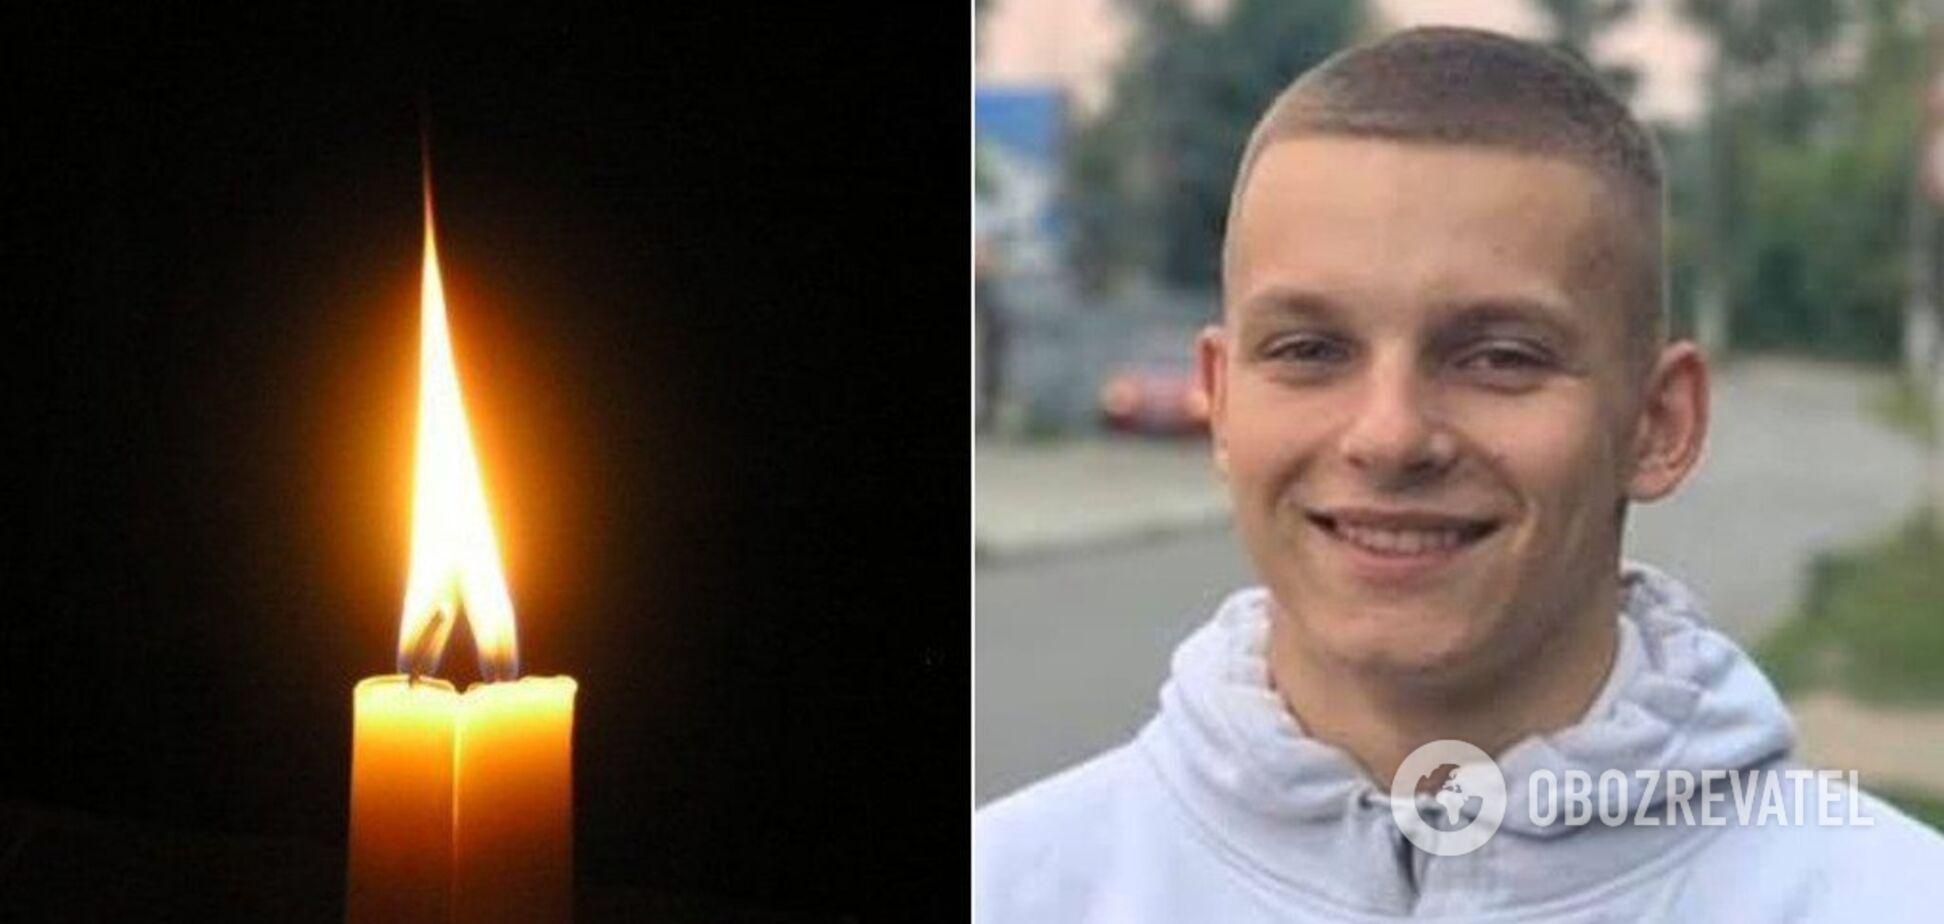 Наркоман и изверг: появились детали о фигуранте дела о гибели подростка под Киевом